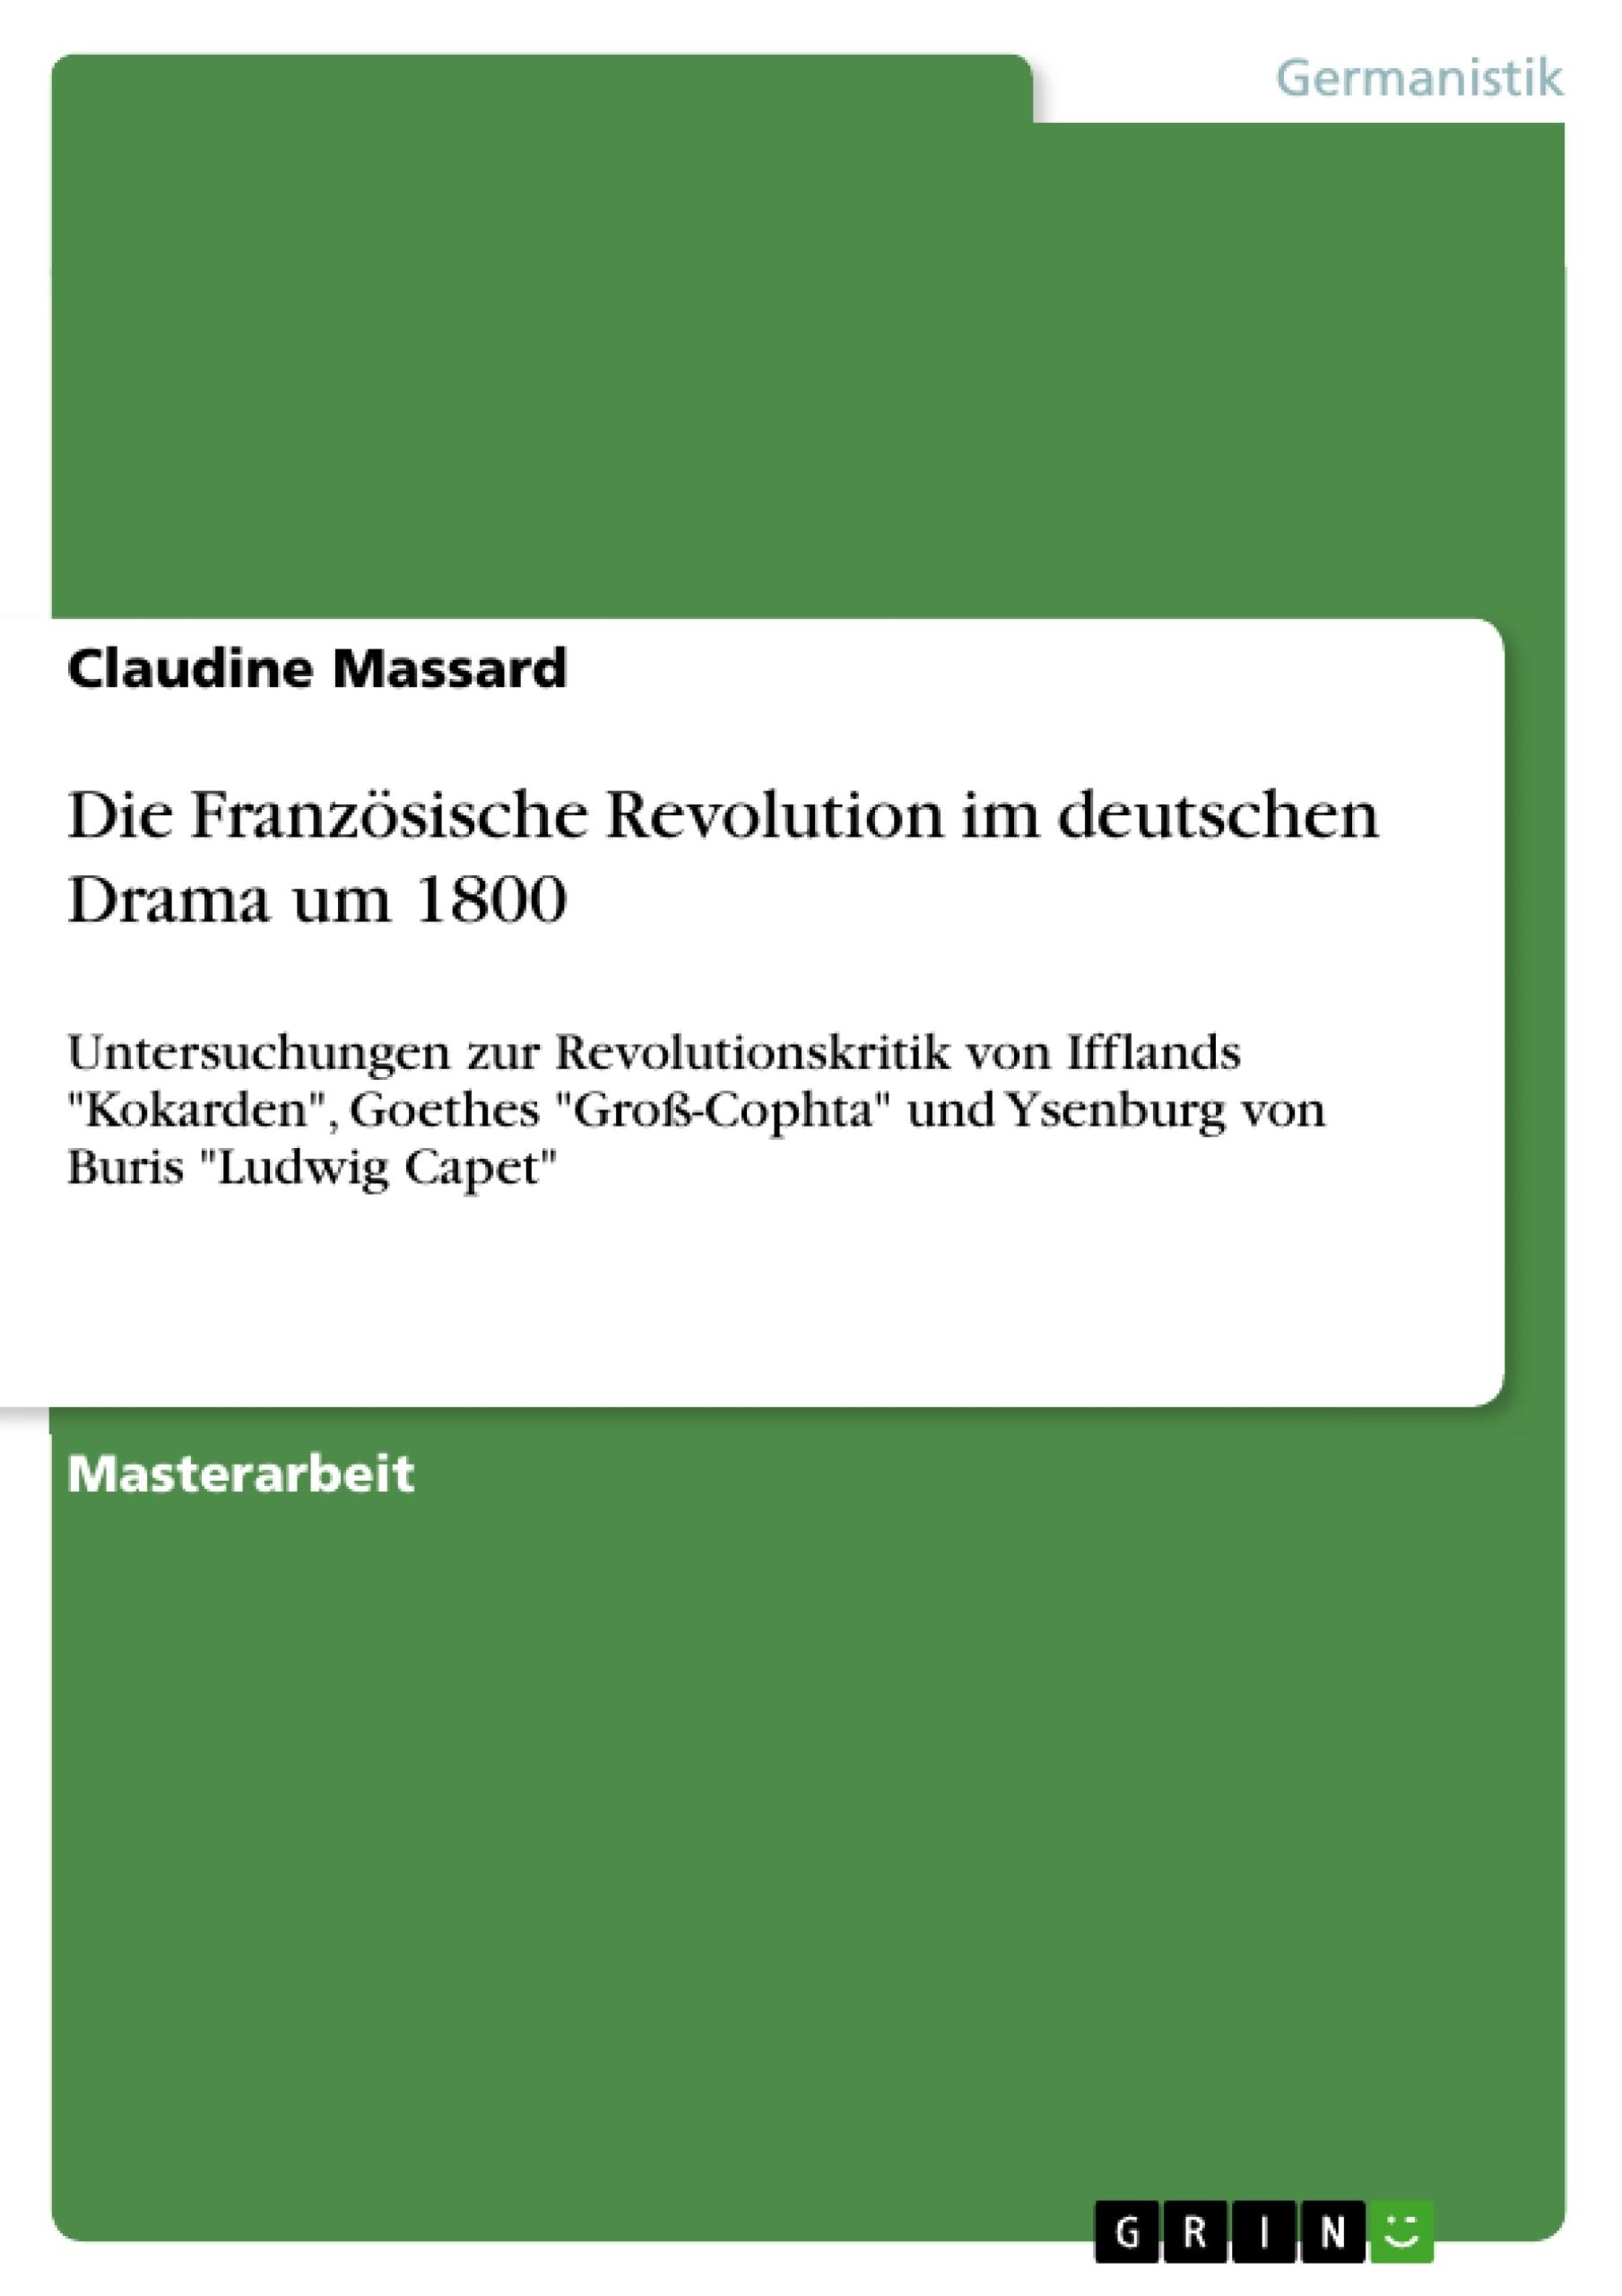 Titel: Die Französische Revolution im deutschen Drama um 1800